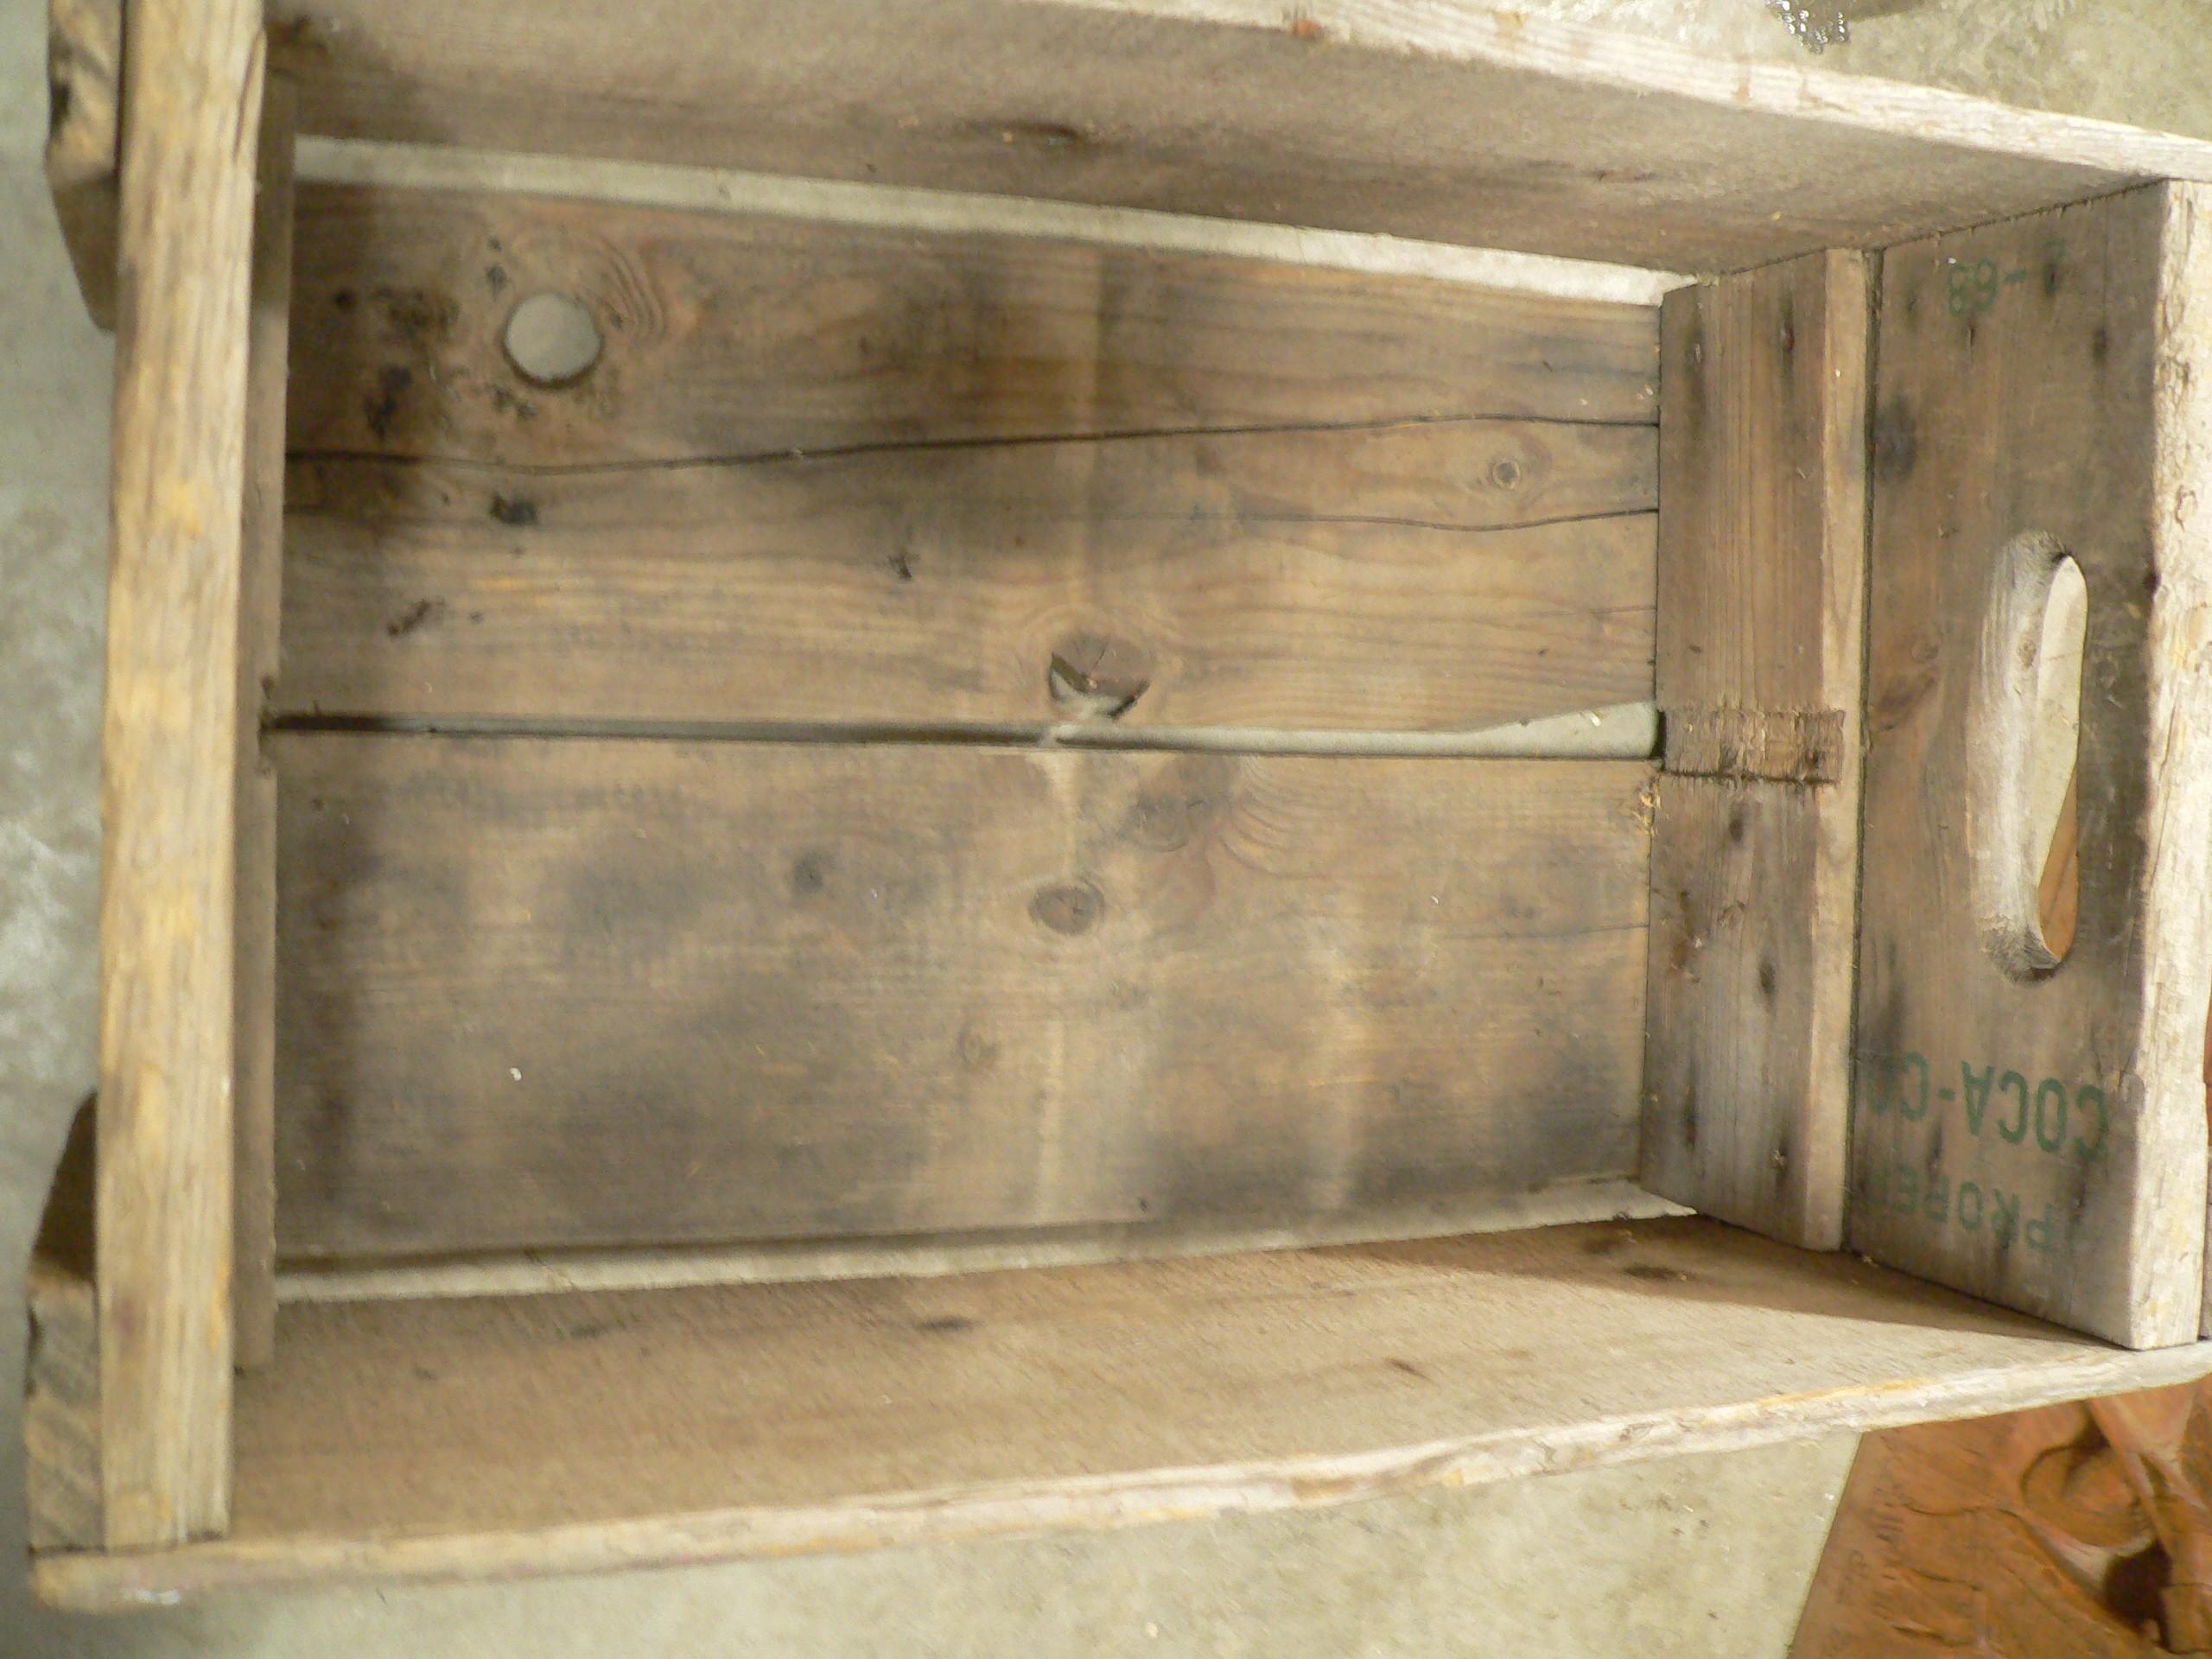 Caisse antique de coke # 7966.1